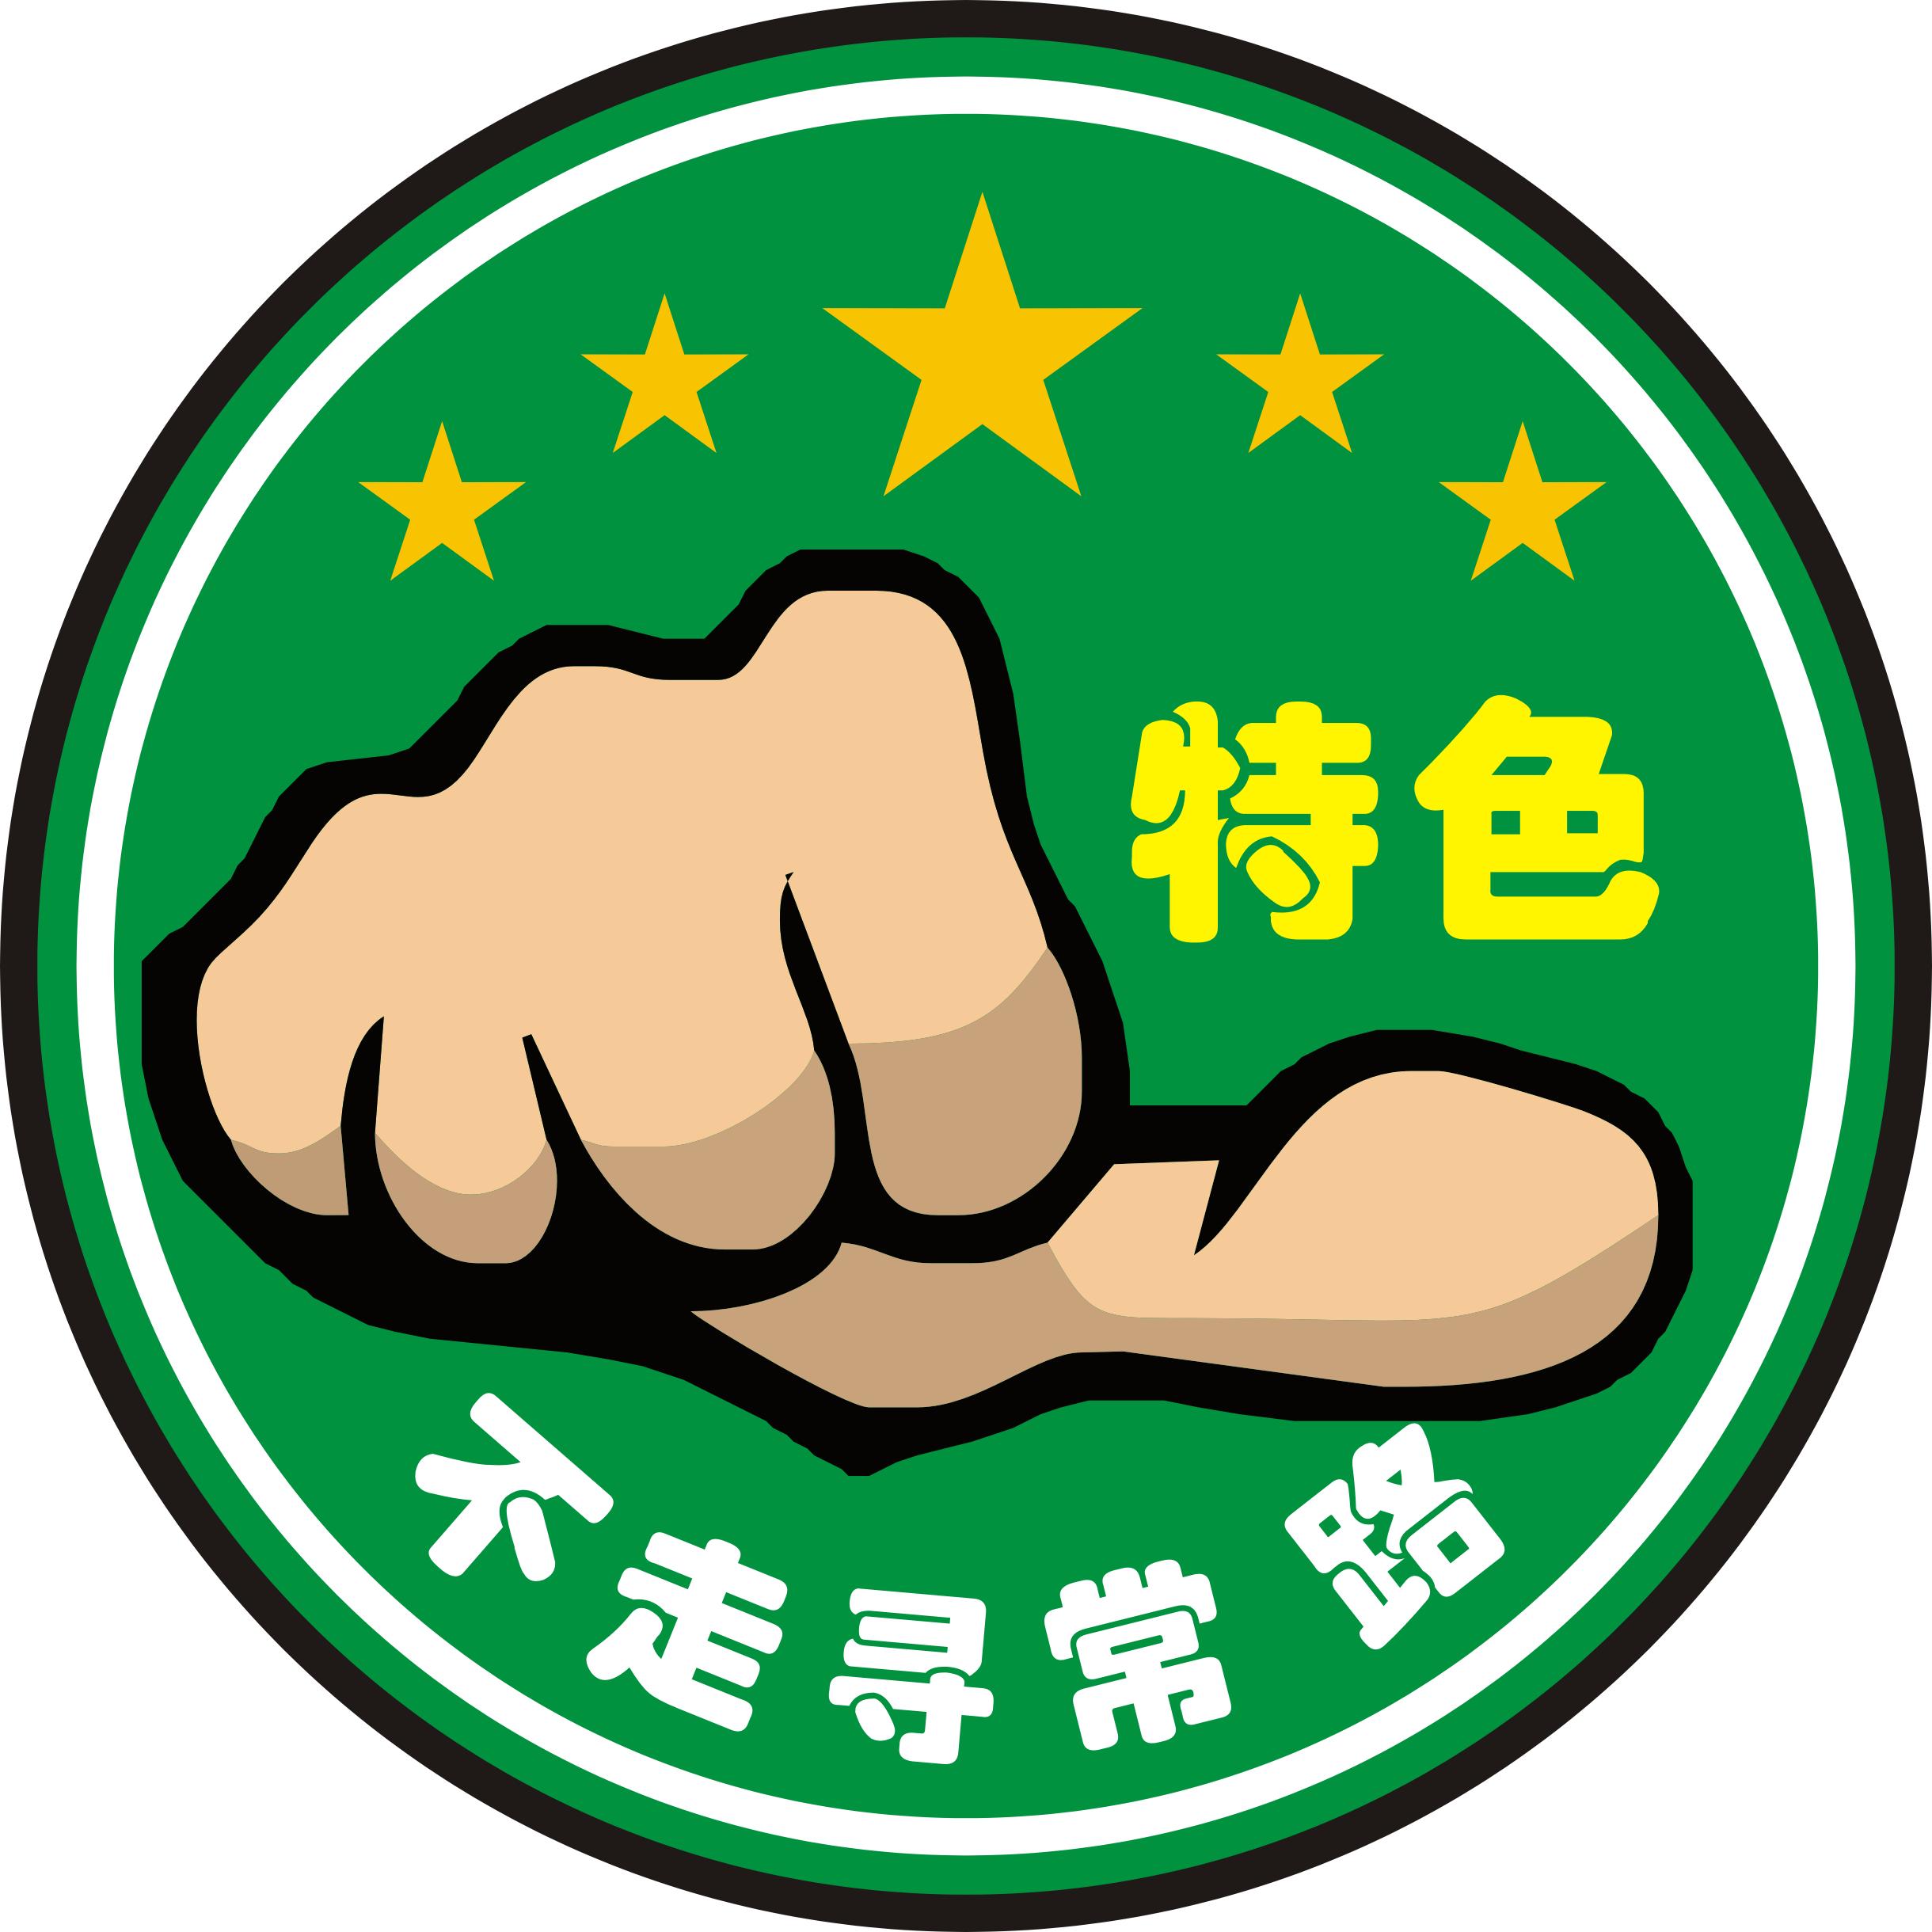 求军训寝室logo设计 (2440x2440)-宿舍logo